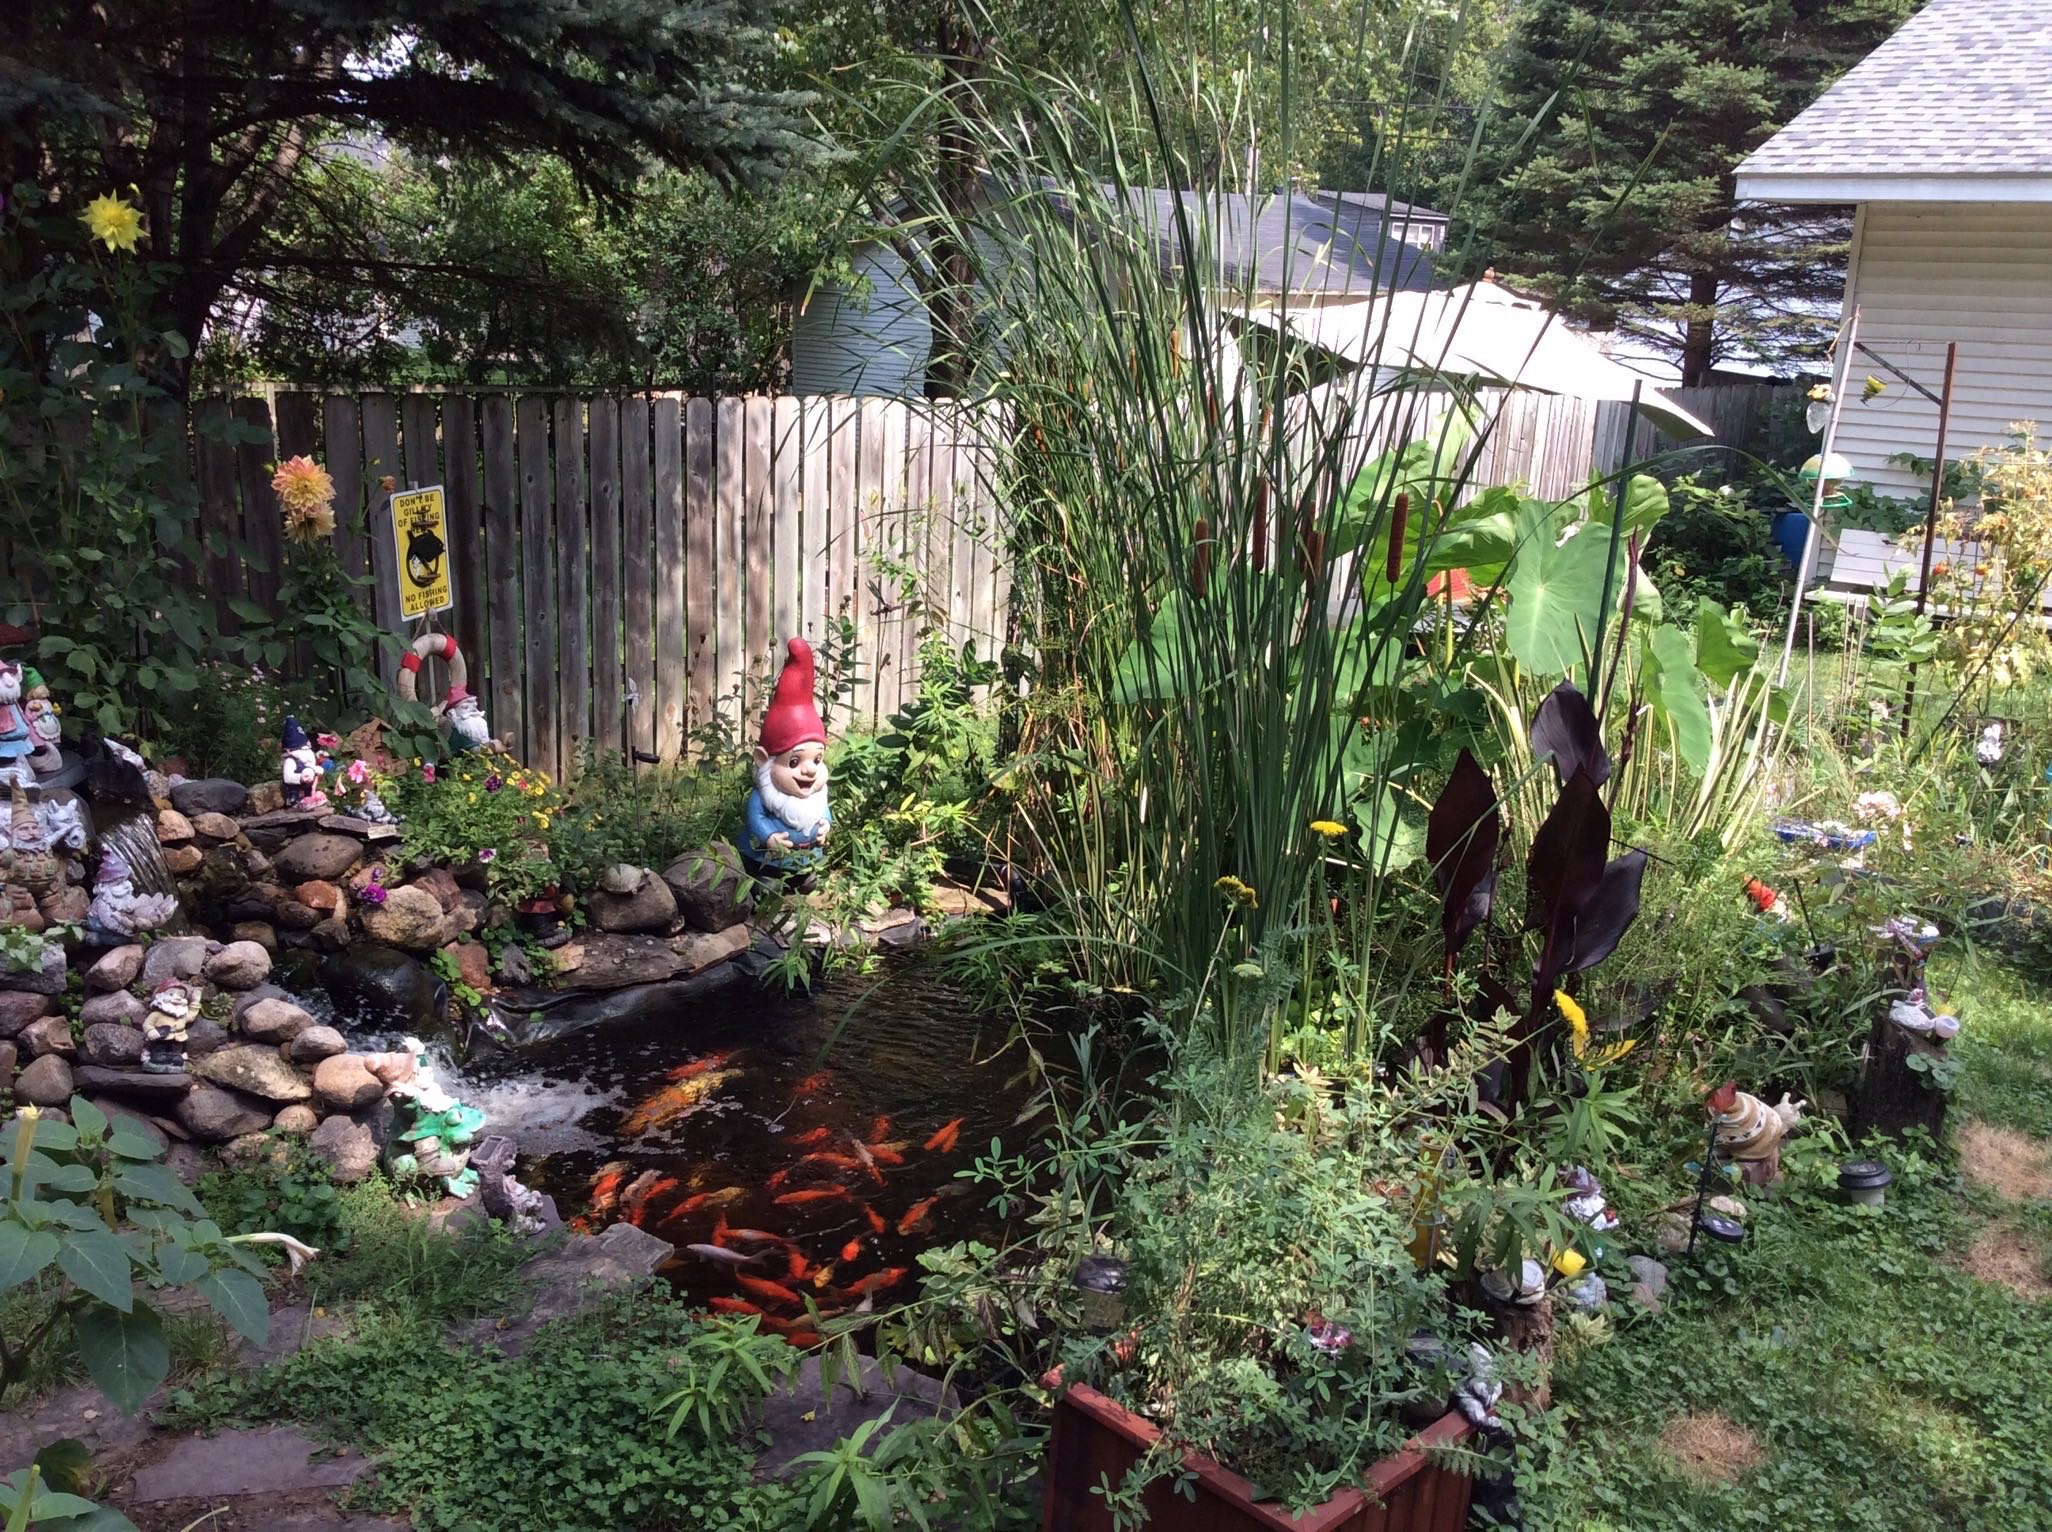 backyard pond with koi fish